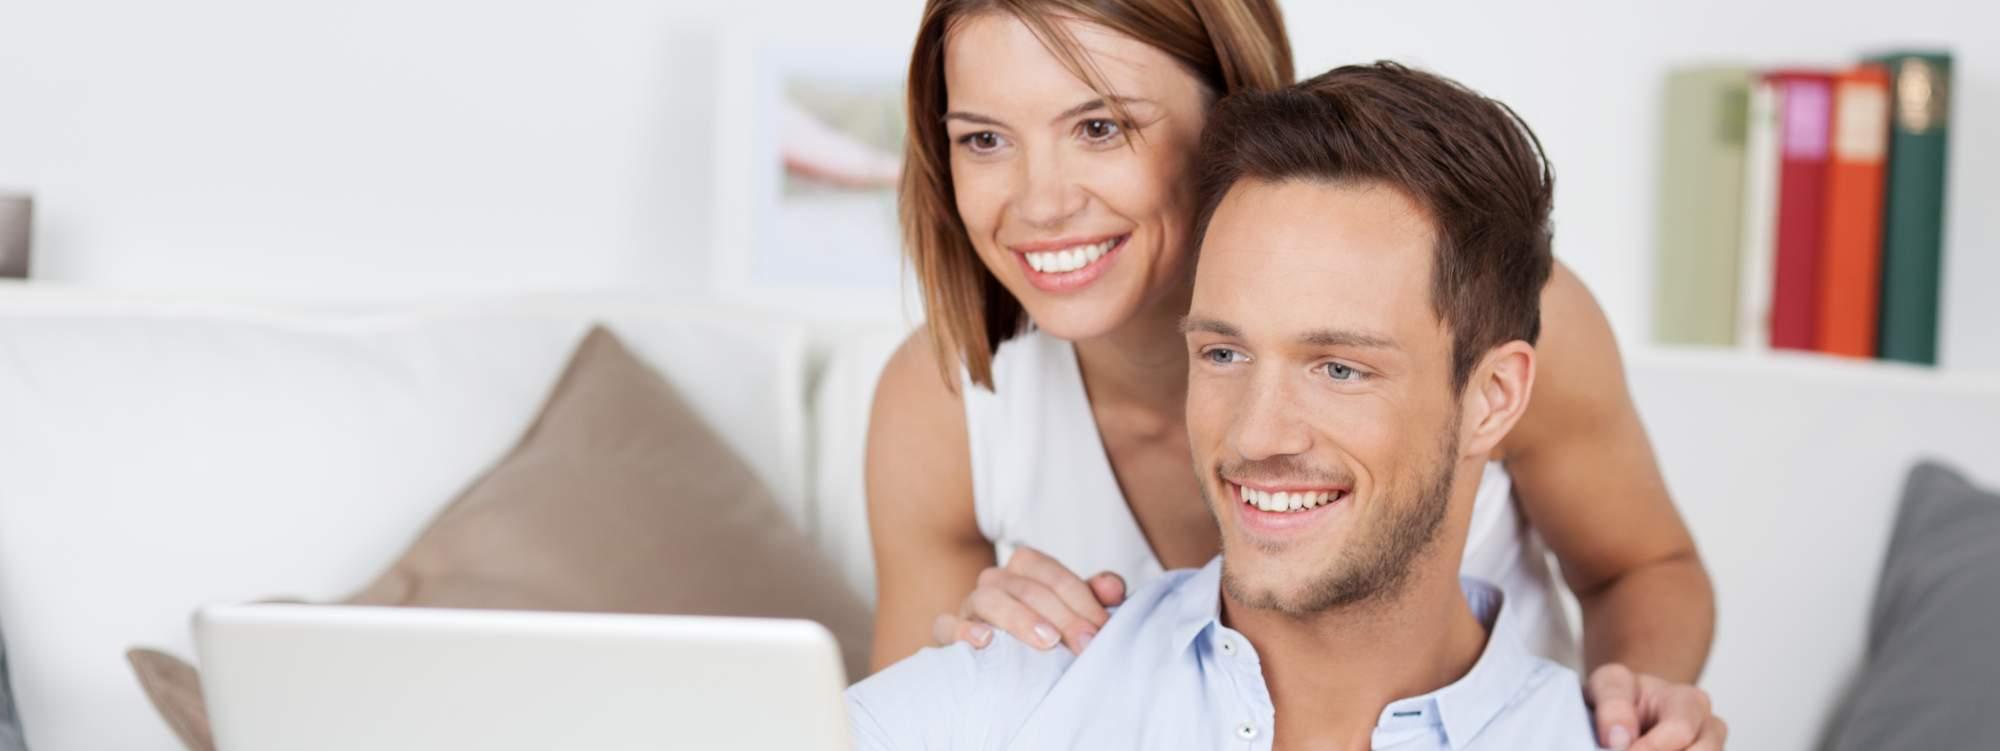 Quelques difficultés pour trouver votre maison idéale ?